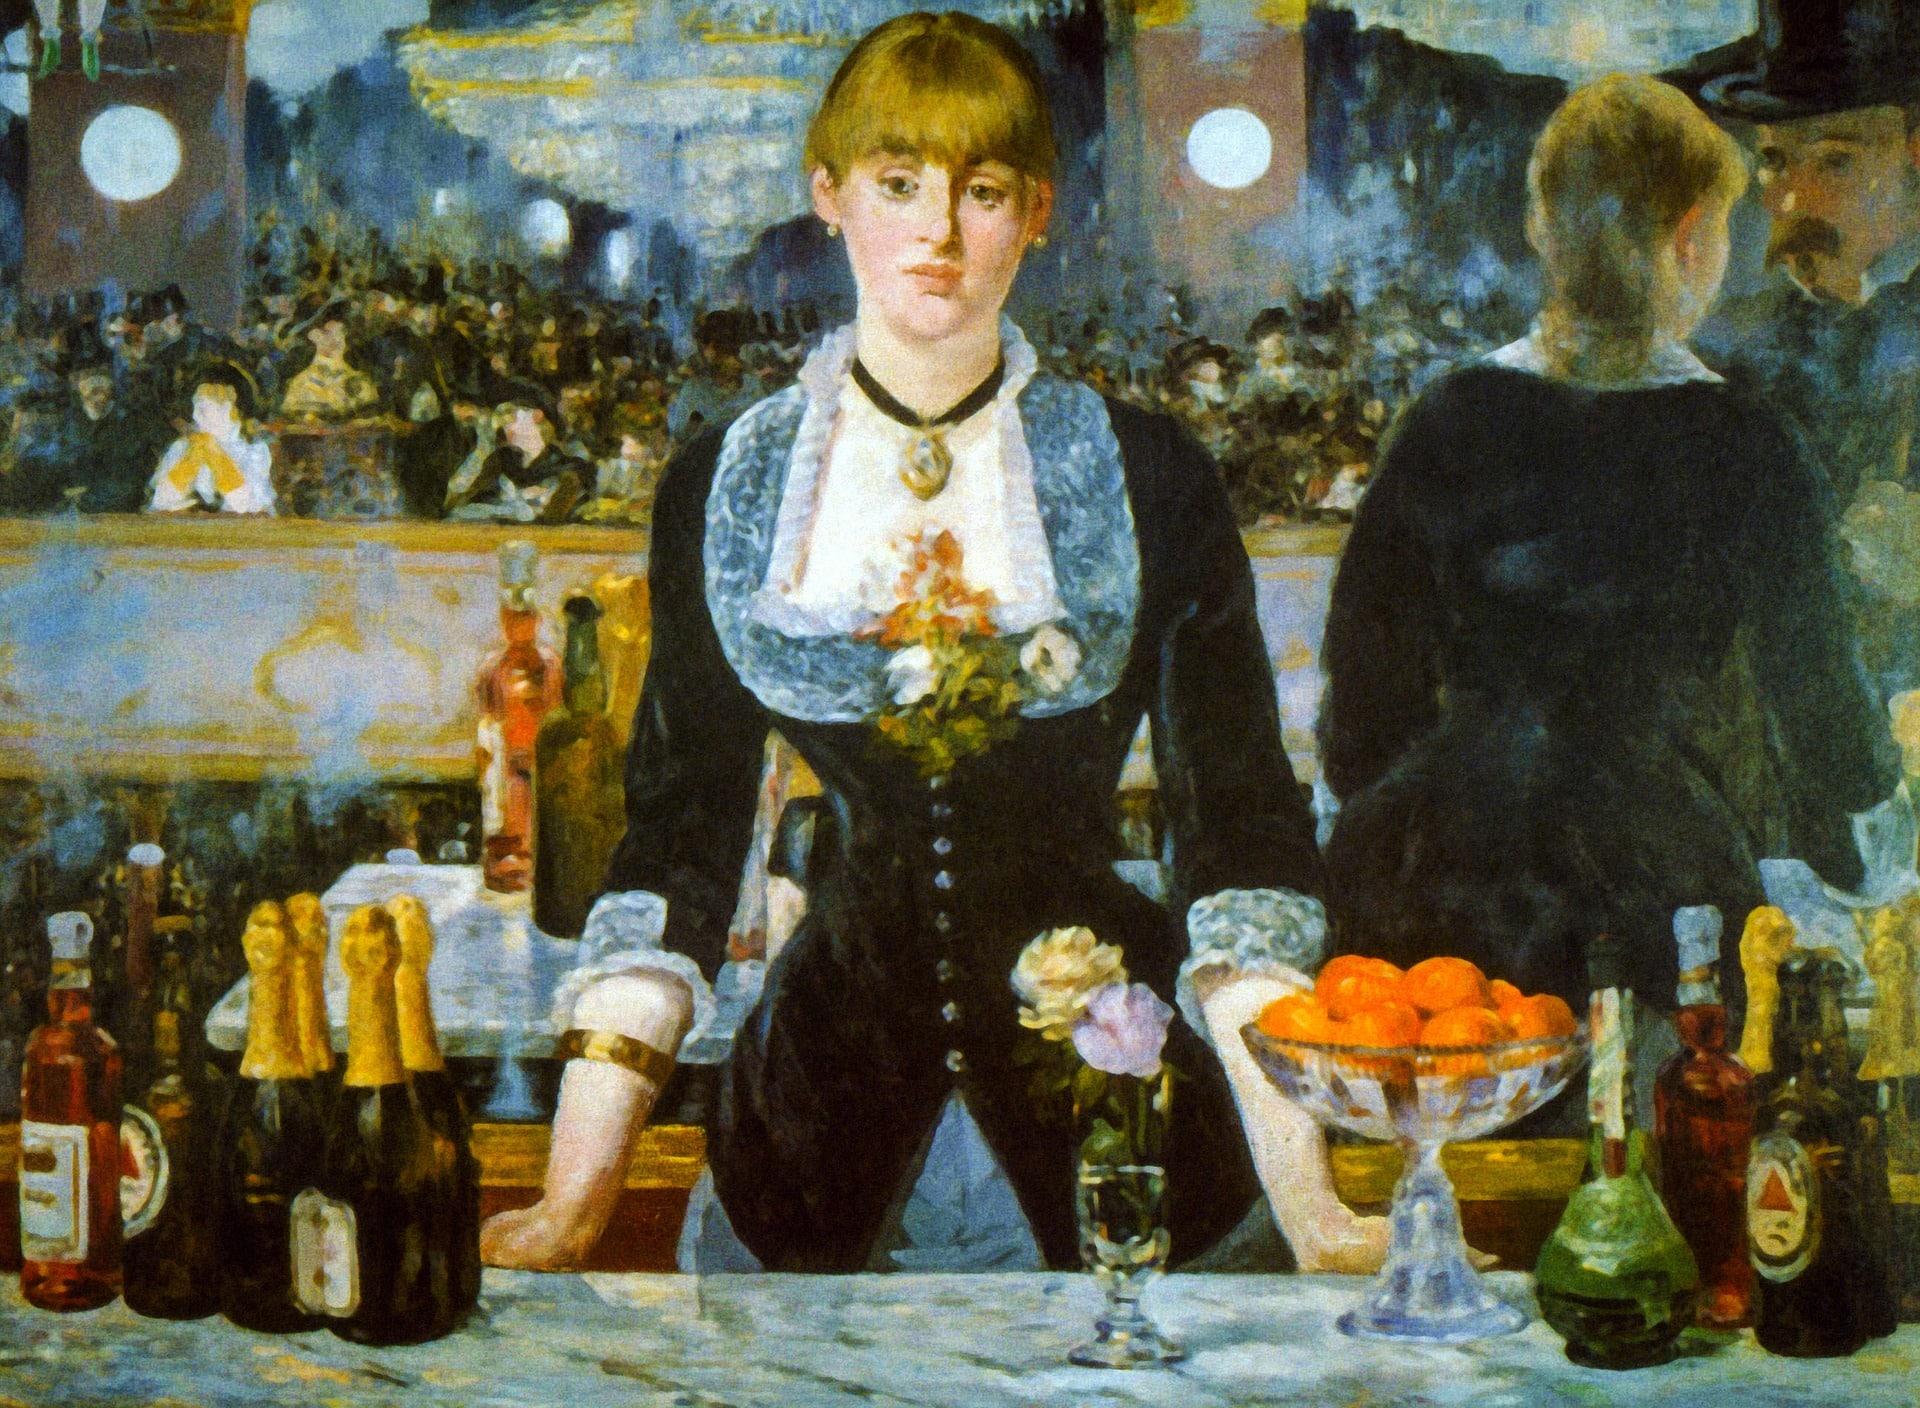 Le premier spectacle de Music-Hall au monde a eu lieu à Paris en 1886... mais dans quelle grande salle parisienne au juste ?